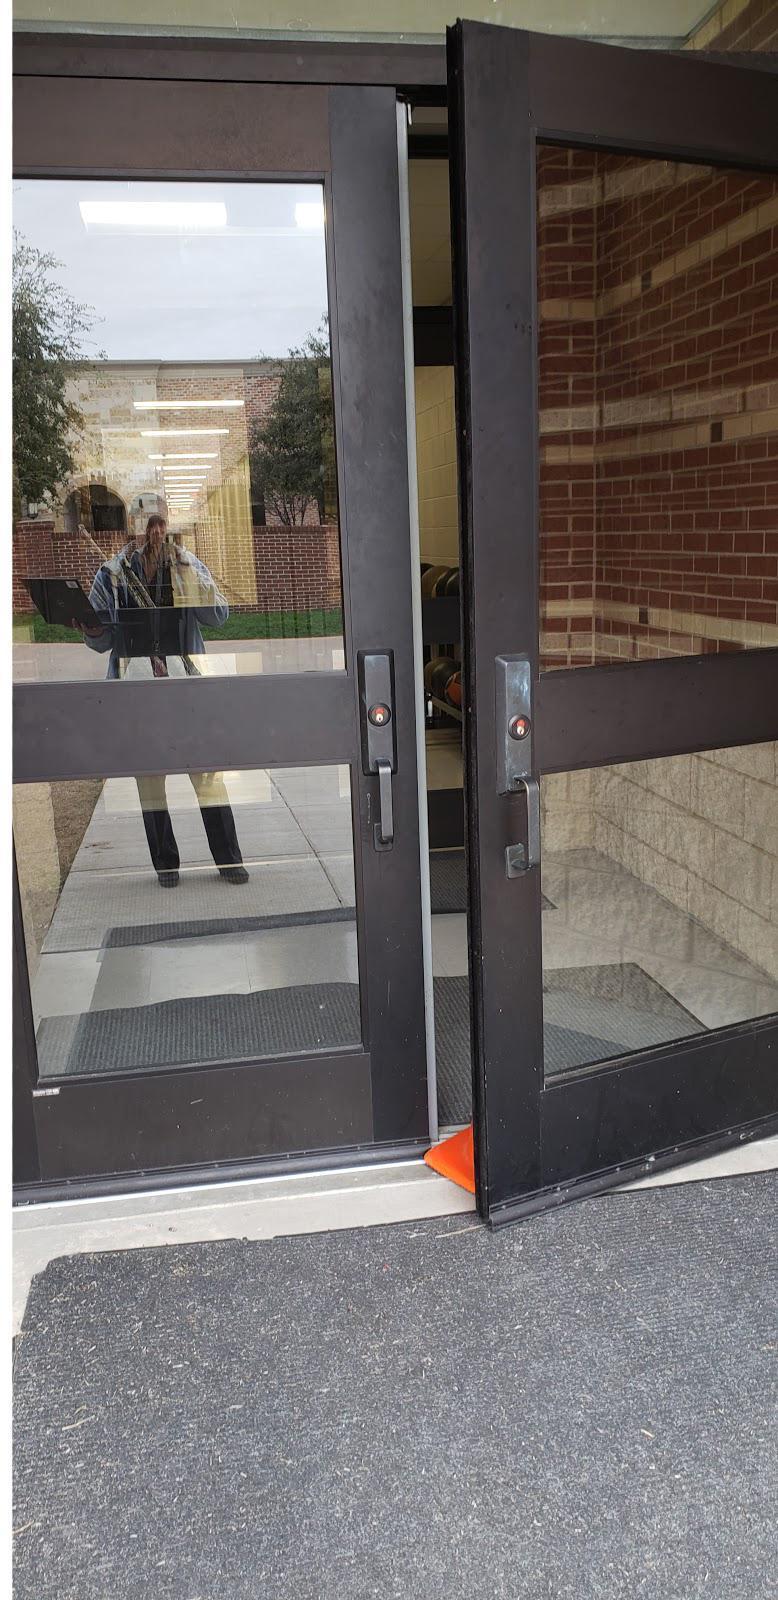 Propping door